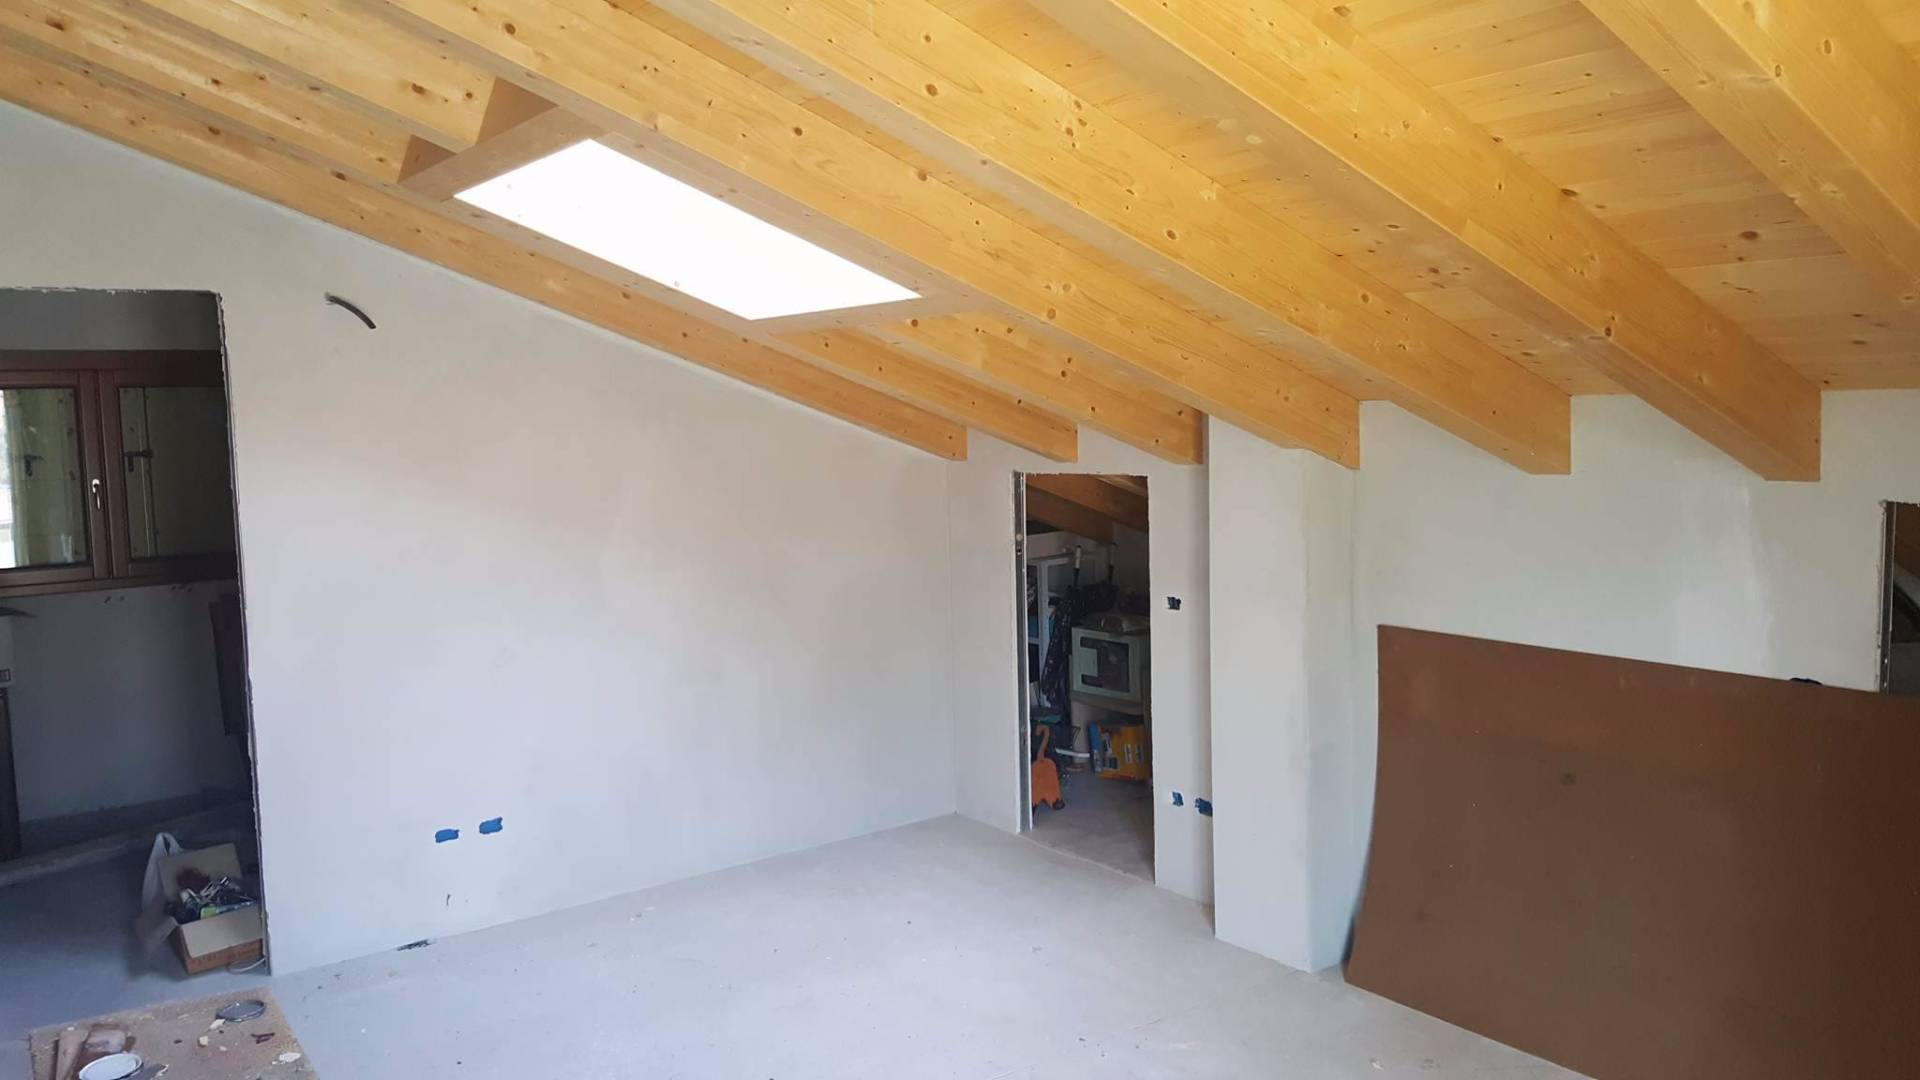 Appartamento in vendita a Berzo Inferiore, 3 locali, prezzo € 70.000 | Cambio Casa.it